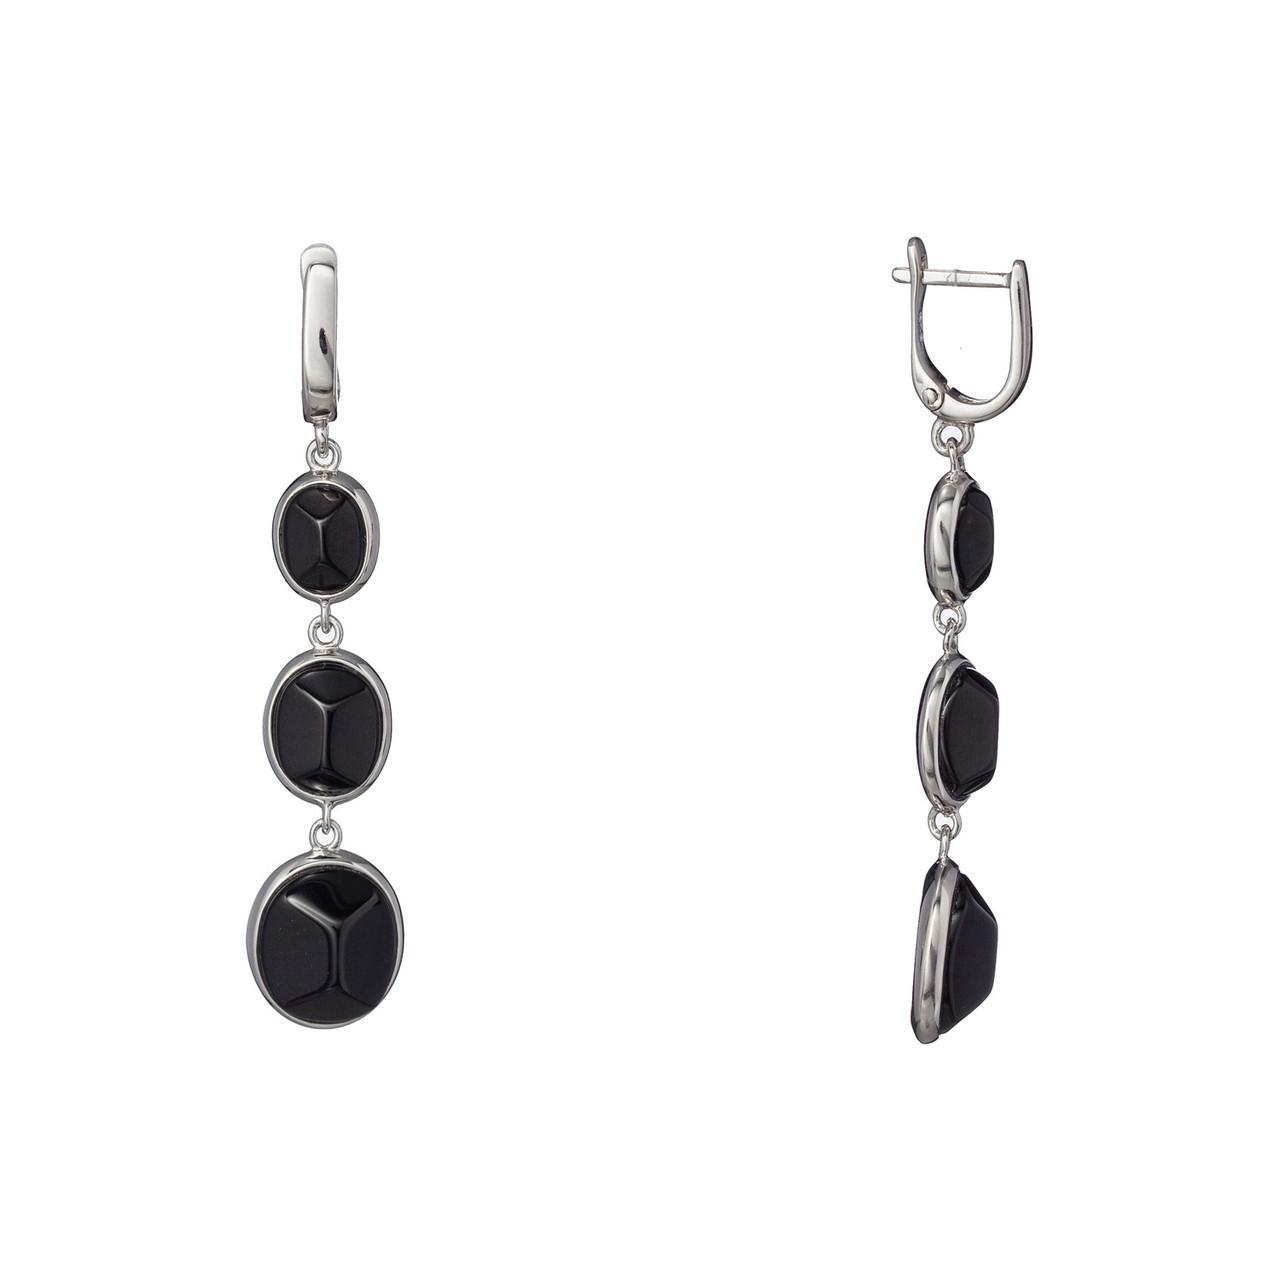 Серебряные длинные серьги с натуральными камнями с английской застежкой. Вставка: черный оникс, вес: